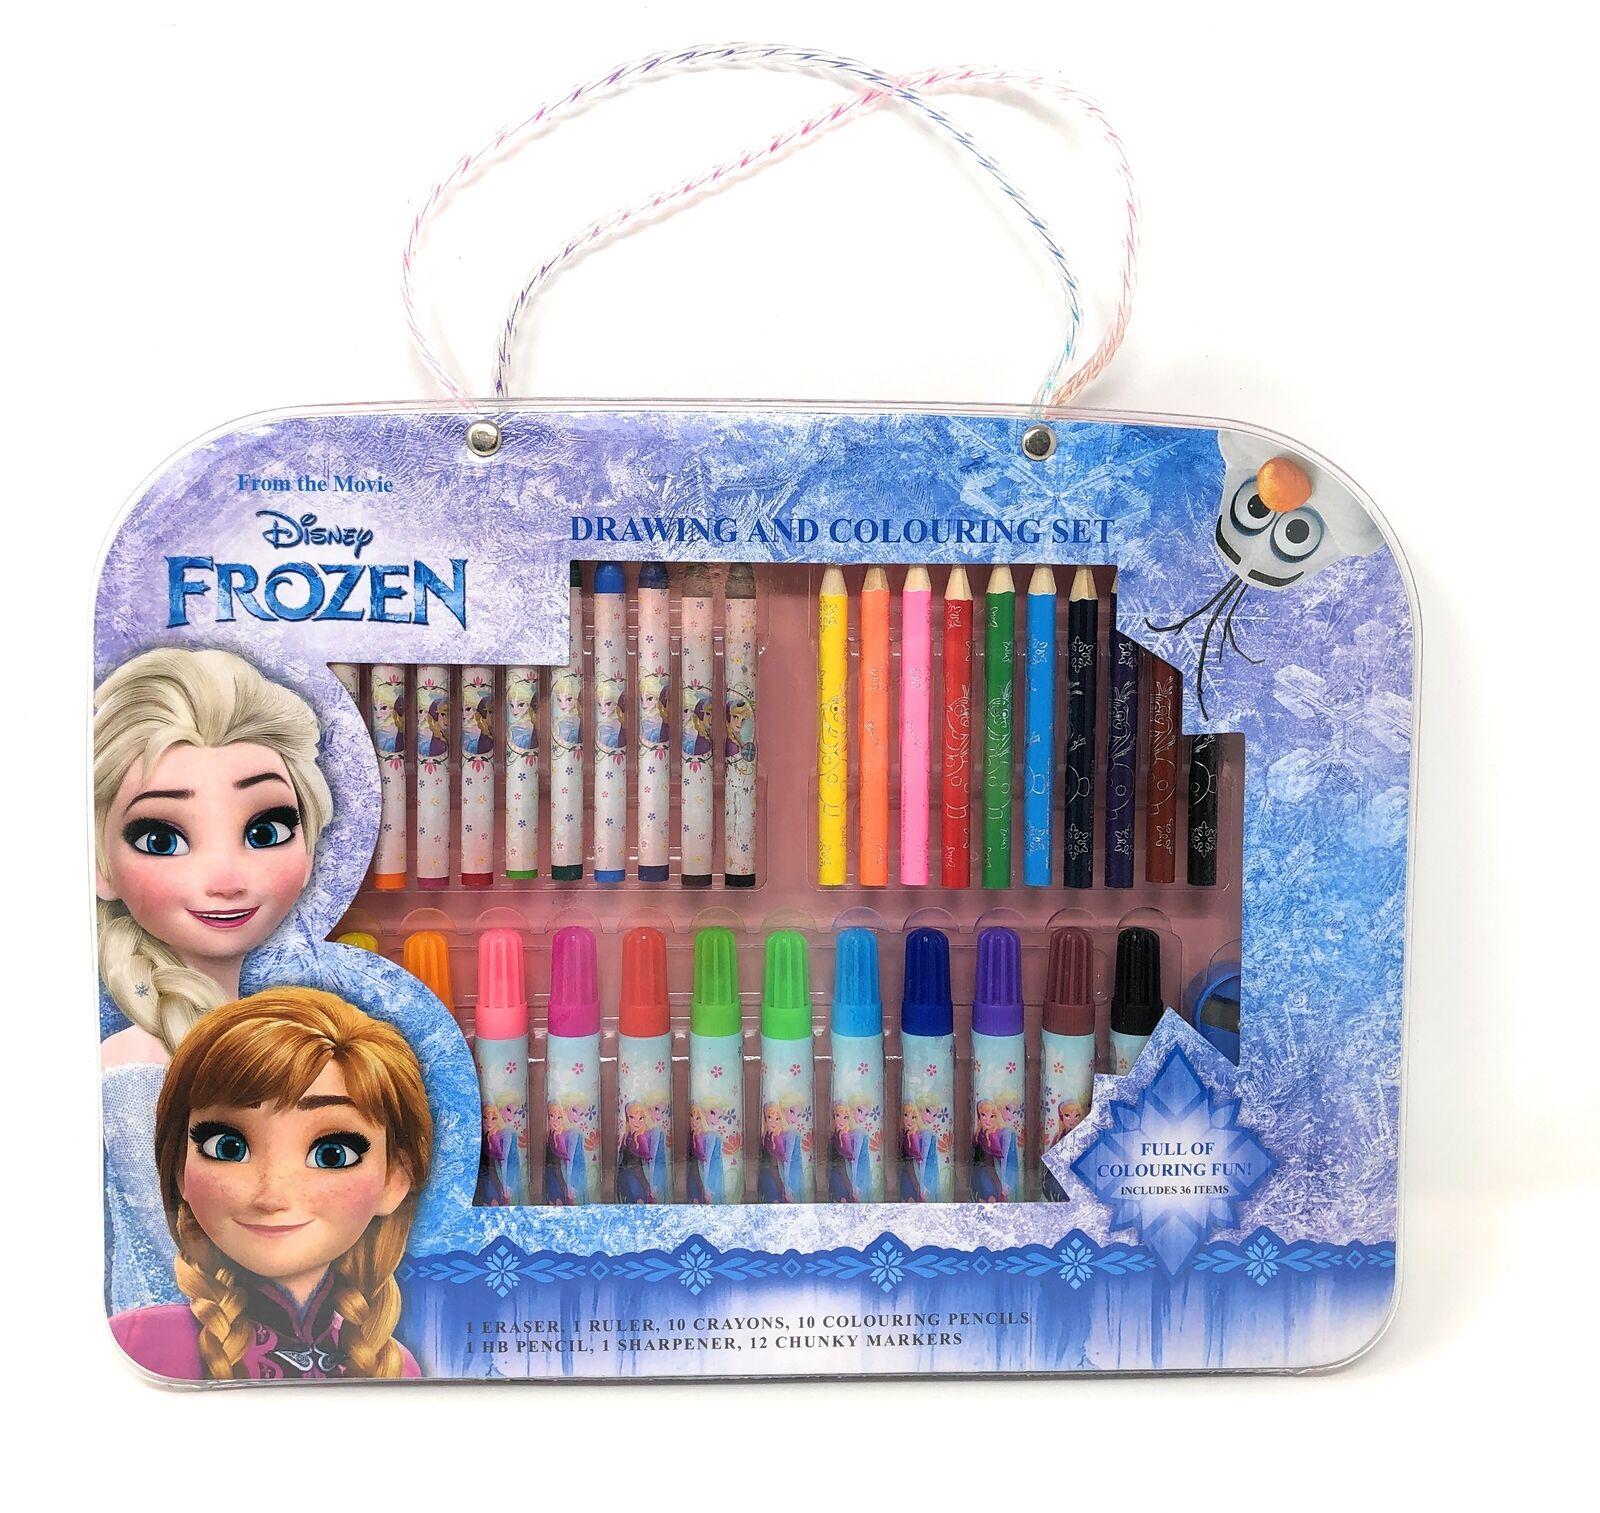 Disney Frozen Knetset Malset Zeichenset Stifte Kinder Bastel Knete Dough Mal Set